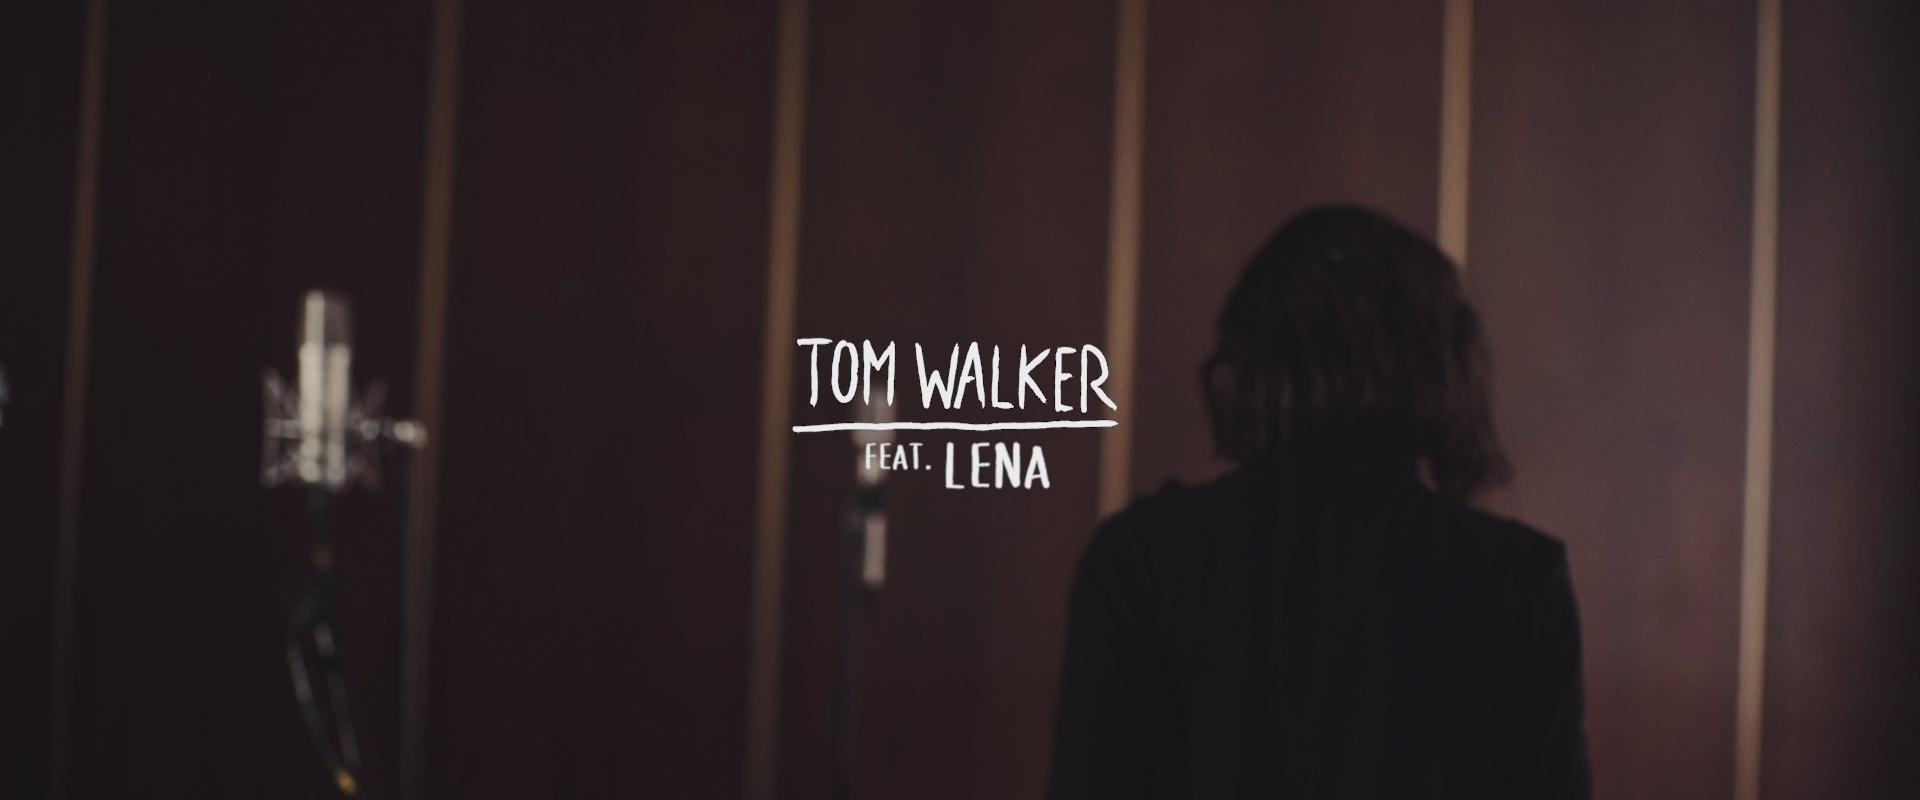 Just You and I (Live Session) - Tom Walker, Lena